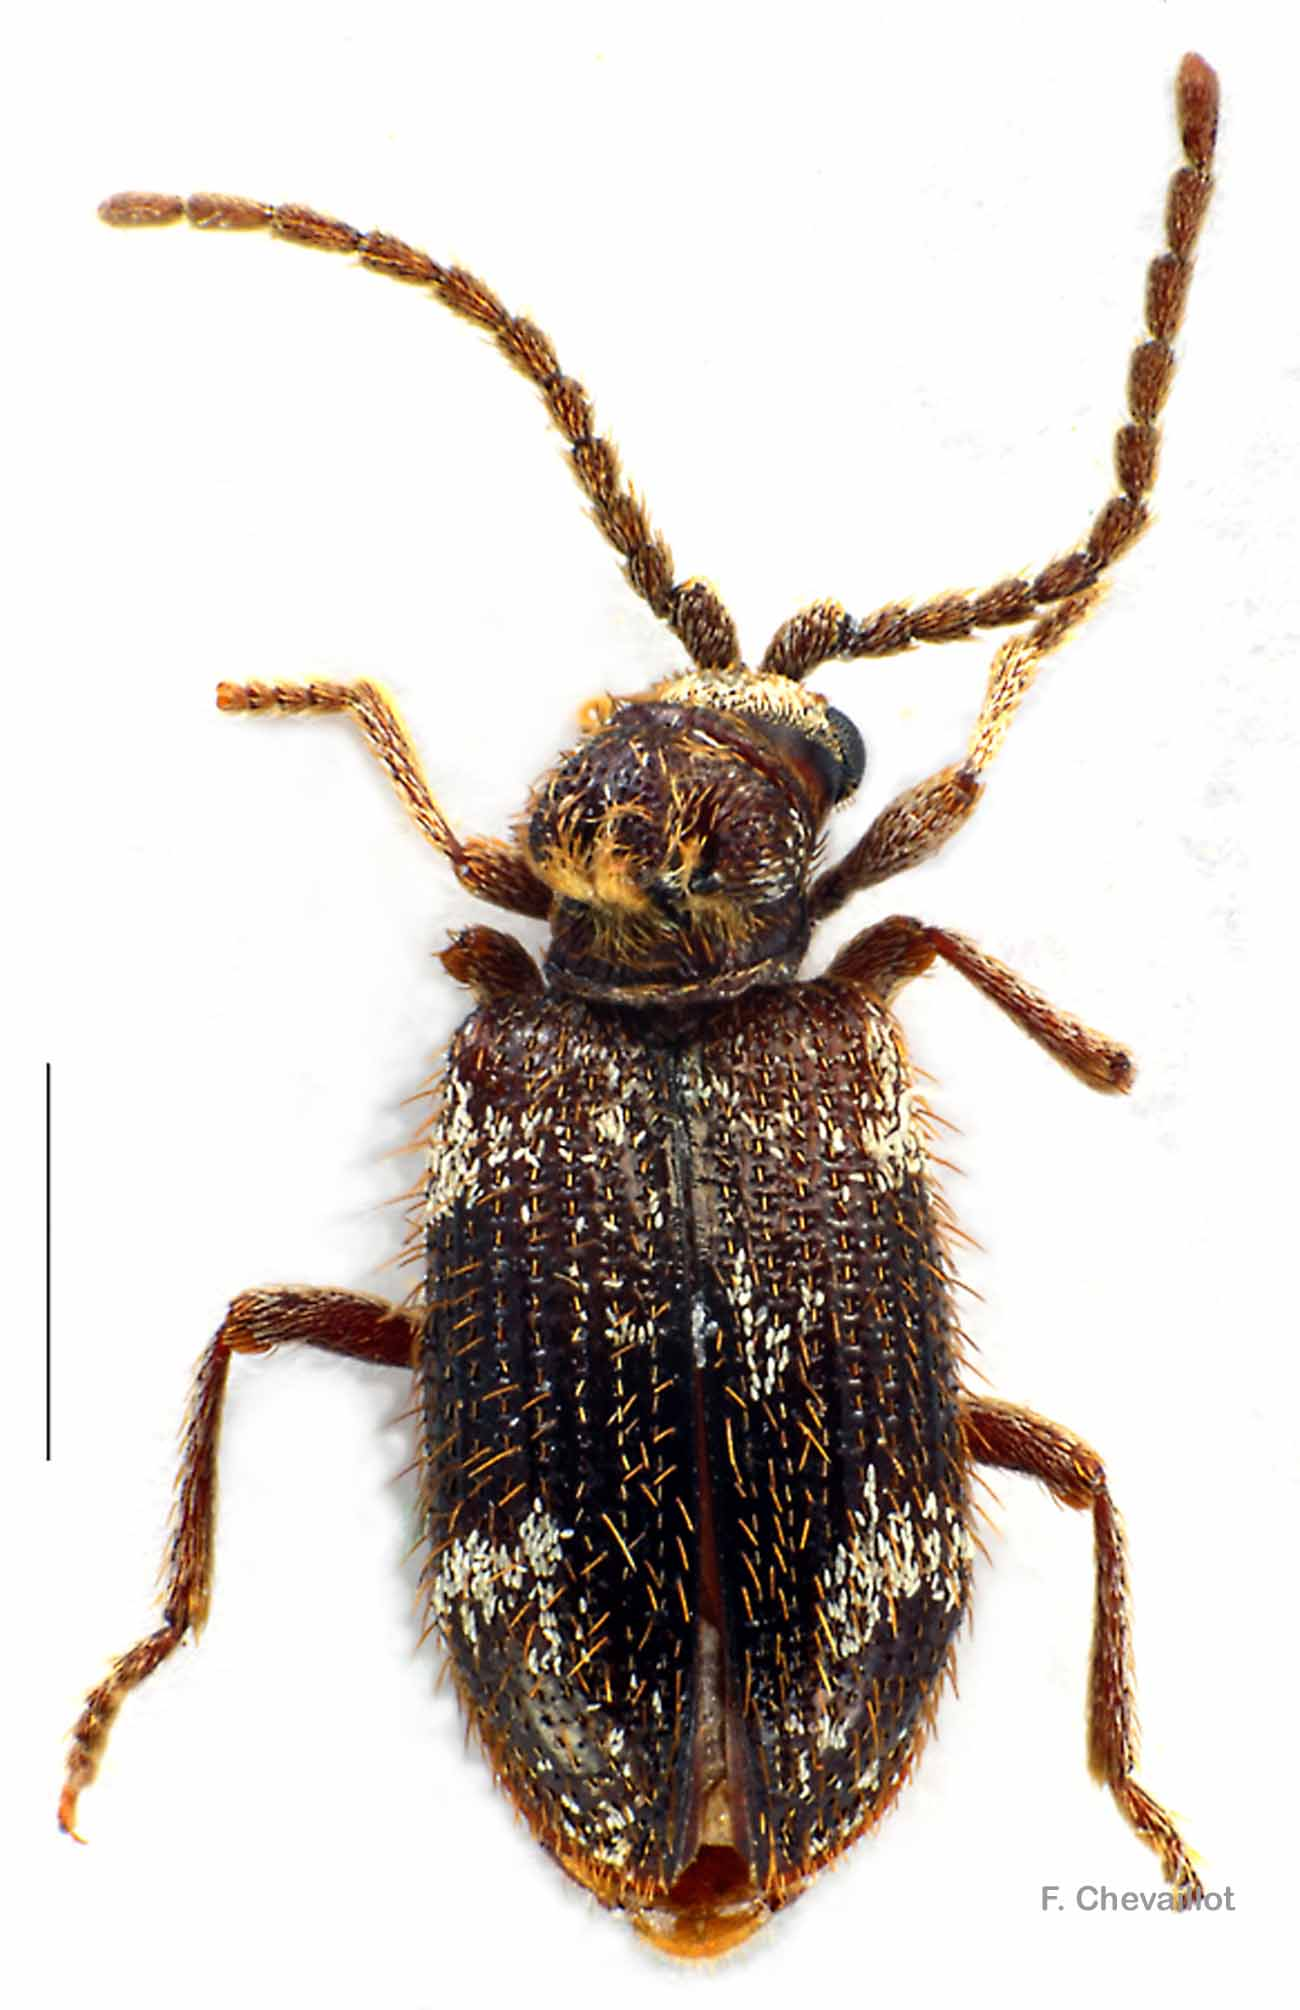 Dignomus irroratus